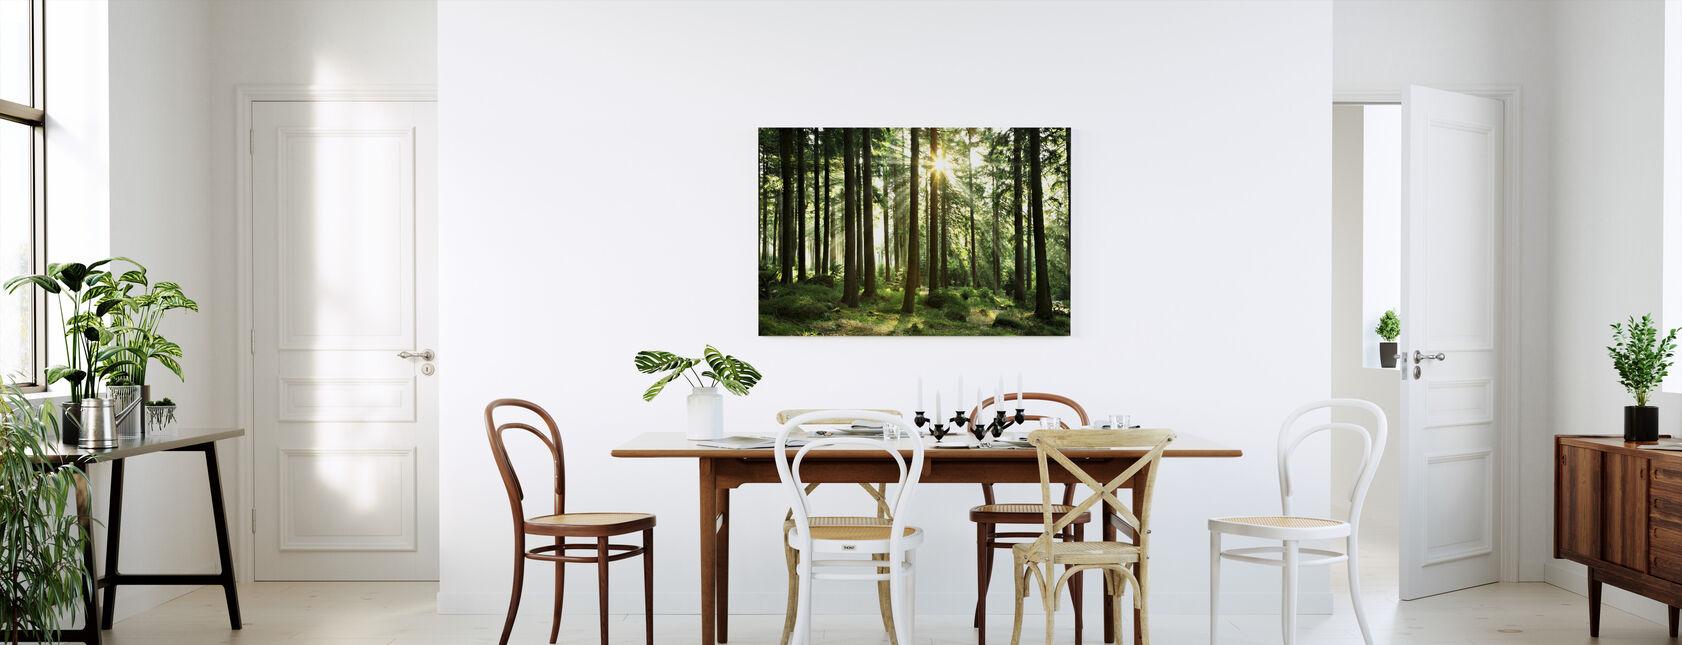 Solstrålen gennem træer - Billede på lærred - Køkken